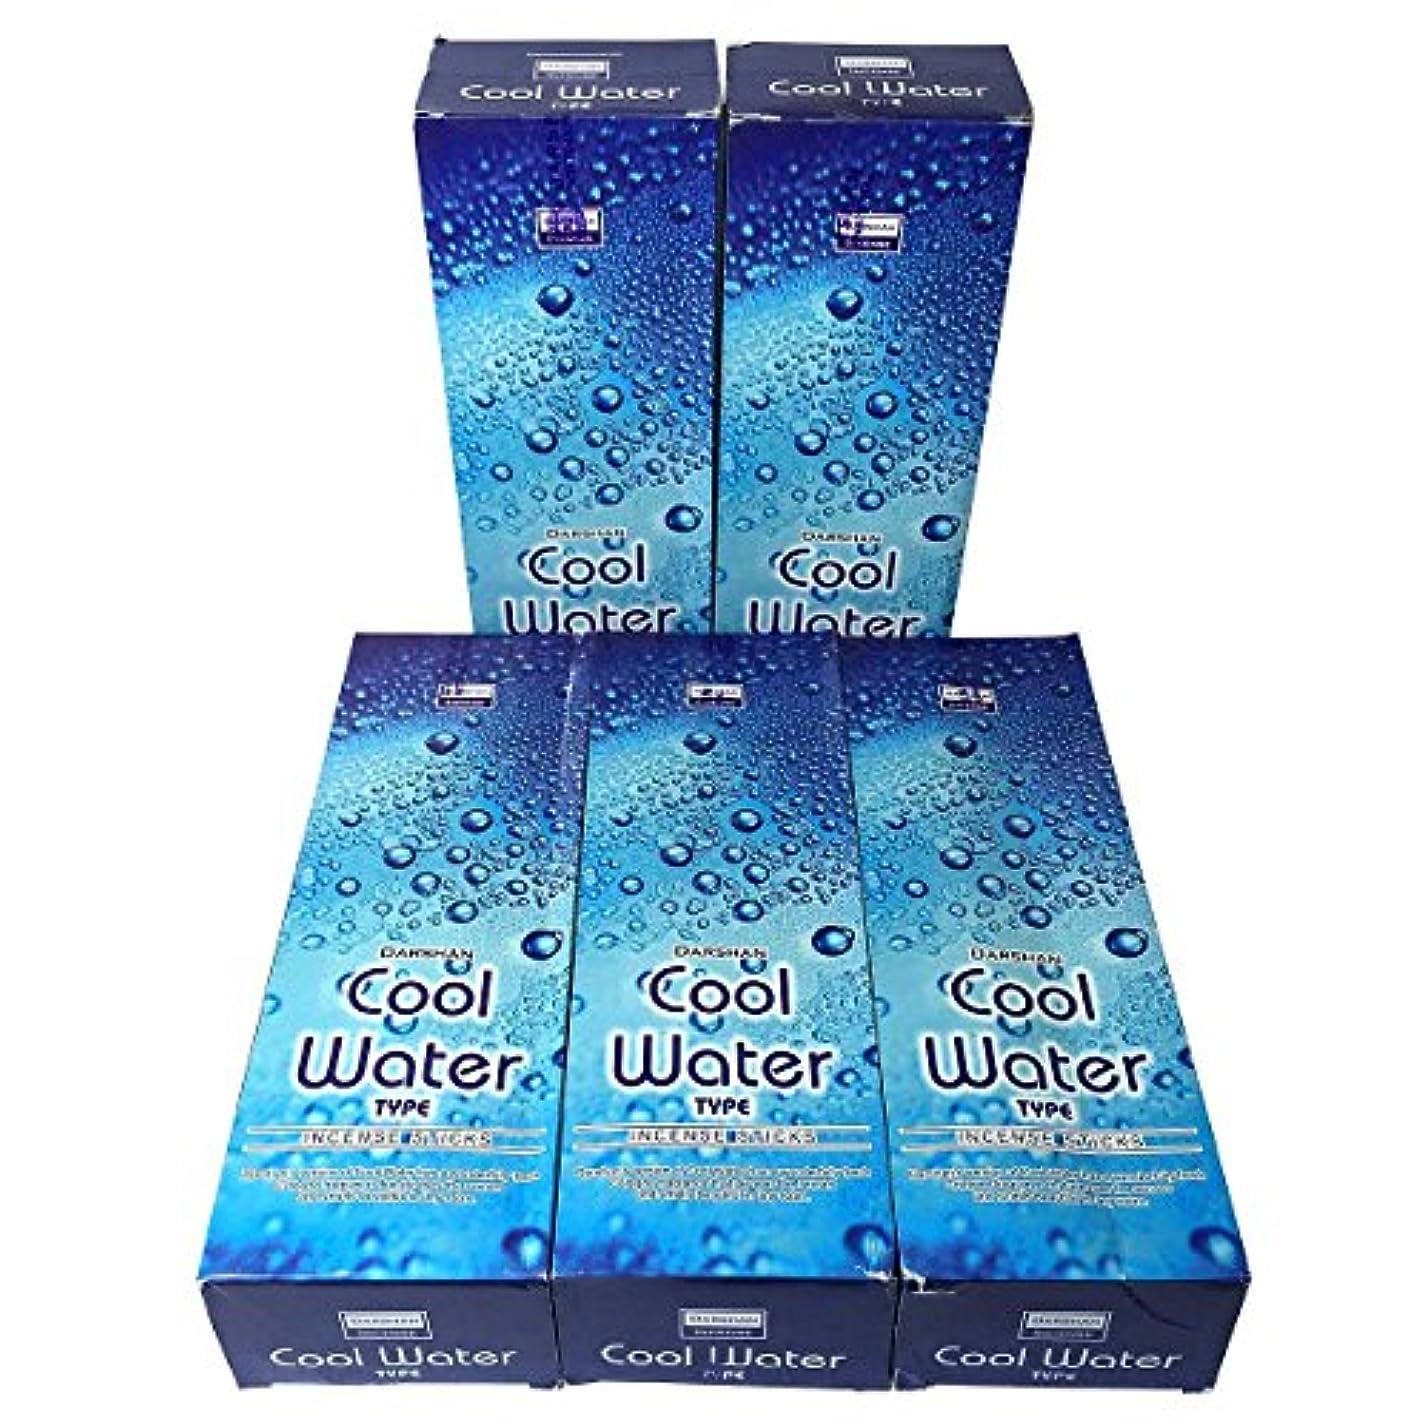 実行世界に死んだ落ち着いてクールウォーター香スティック 5BOX(30箱)/DARSHAN COOL WATER/ インド香 / 送料無料 [並行輸入品]